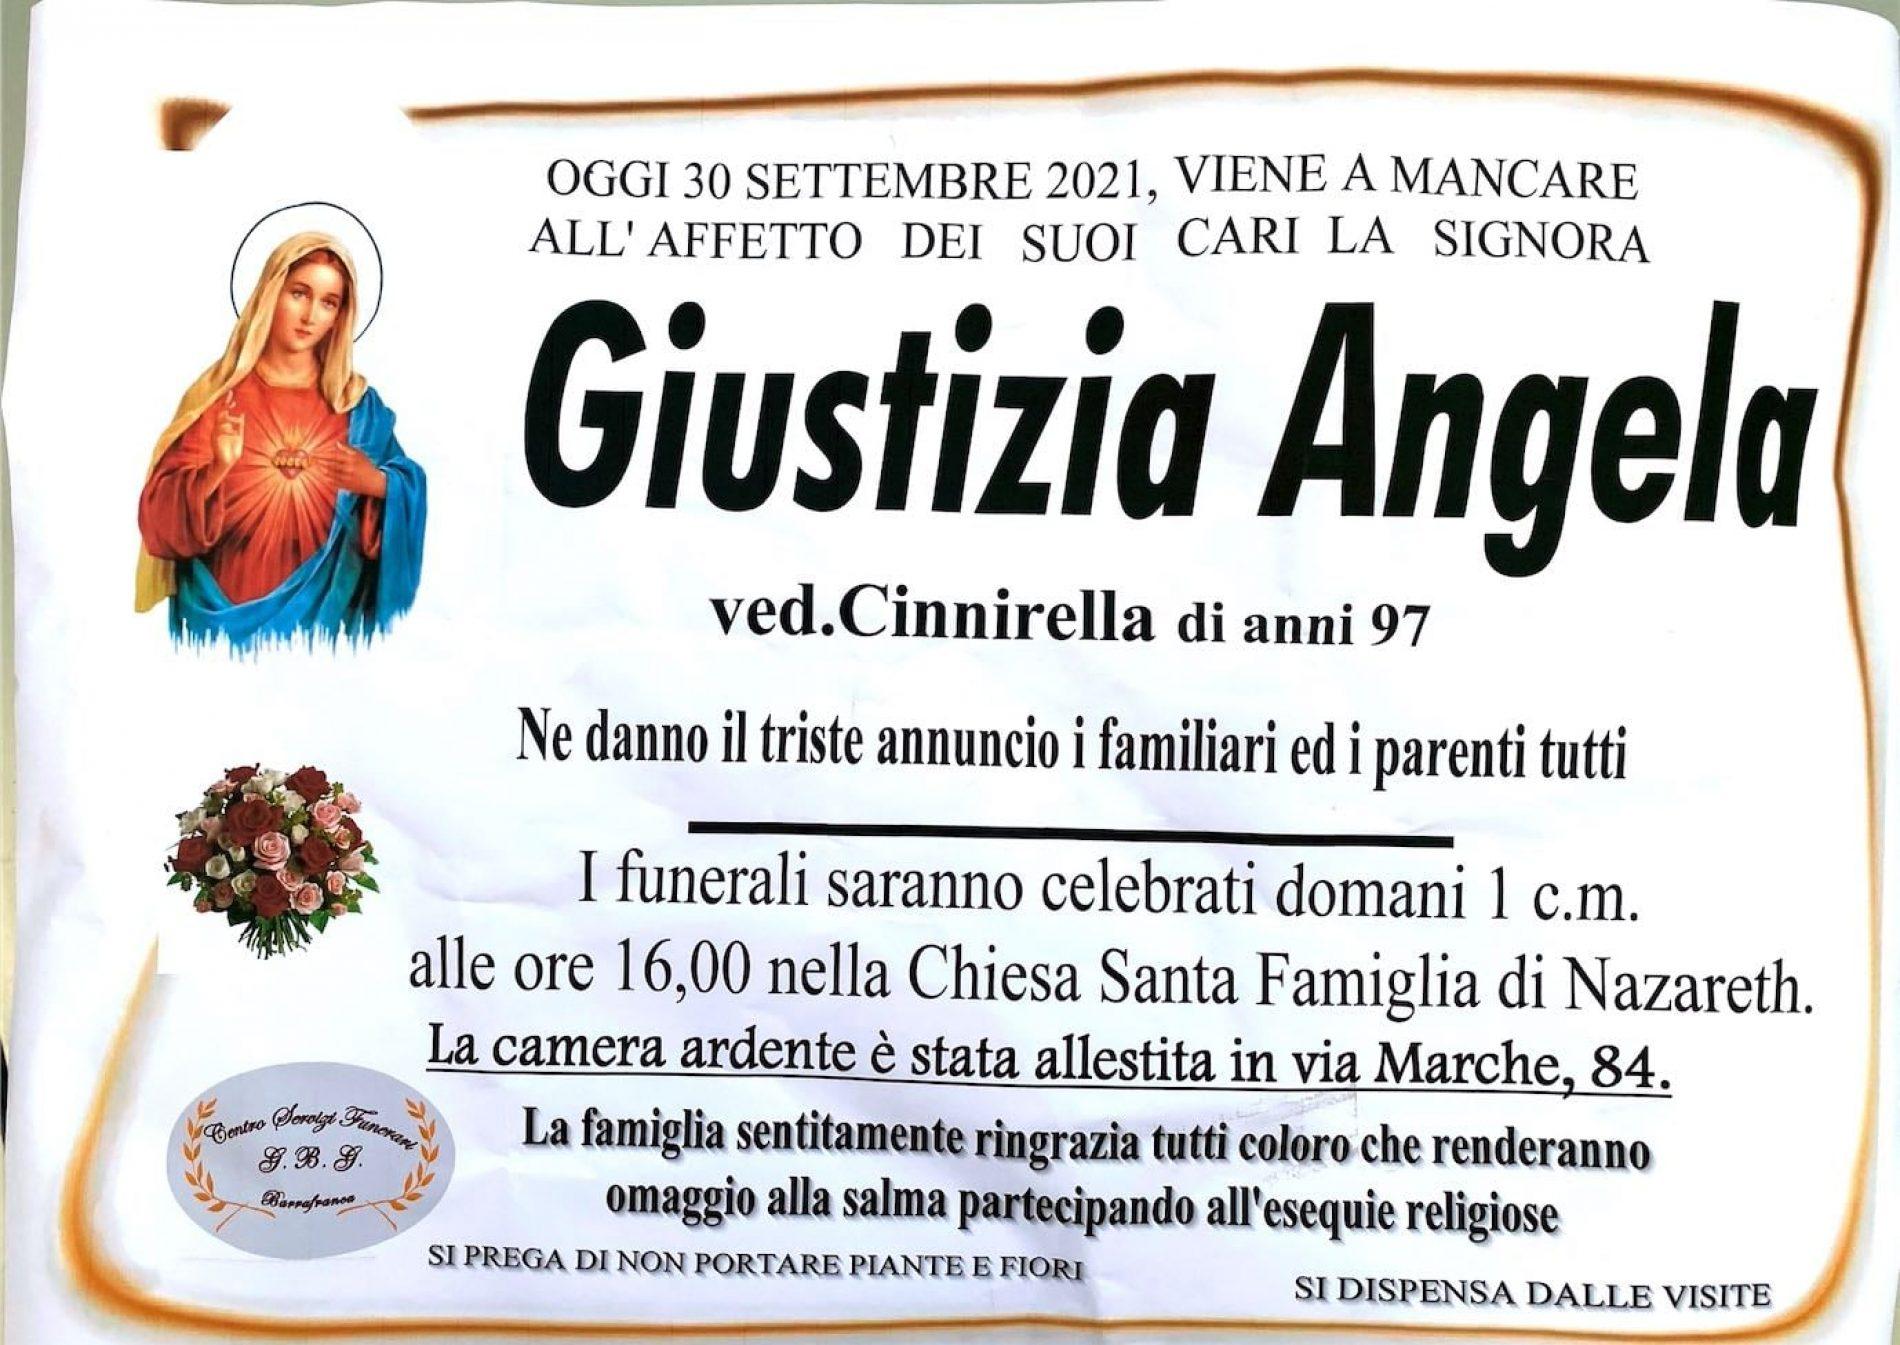 Annuncio servizi funerari agenzia G.B.G. sig.ra Giustizia Angela ved. Cinnirella di anni 97